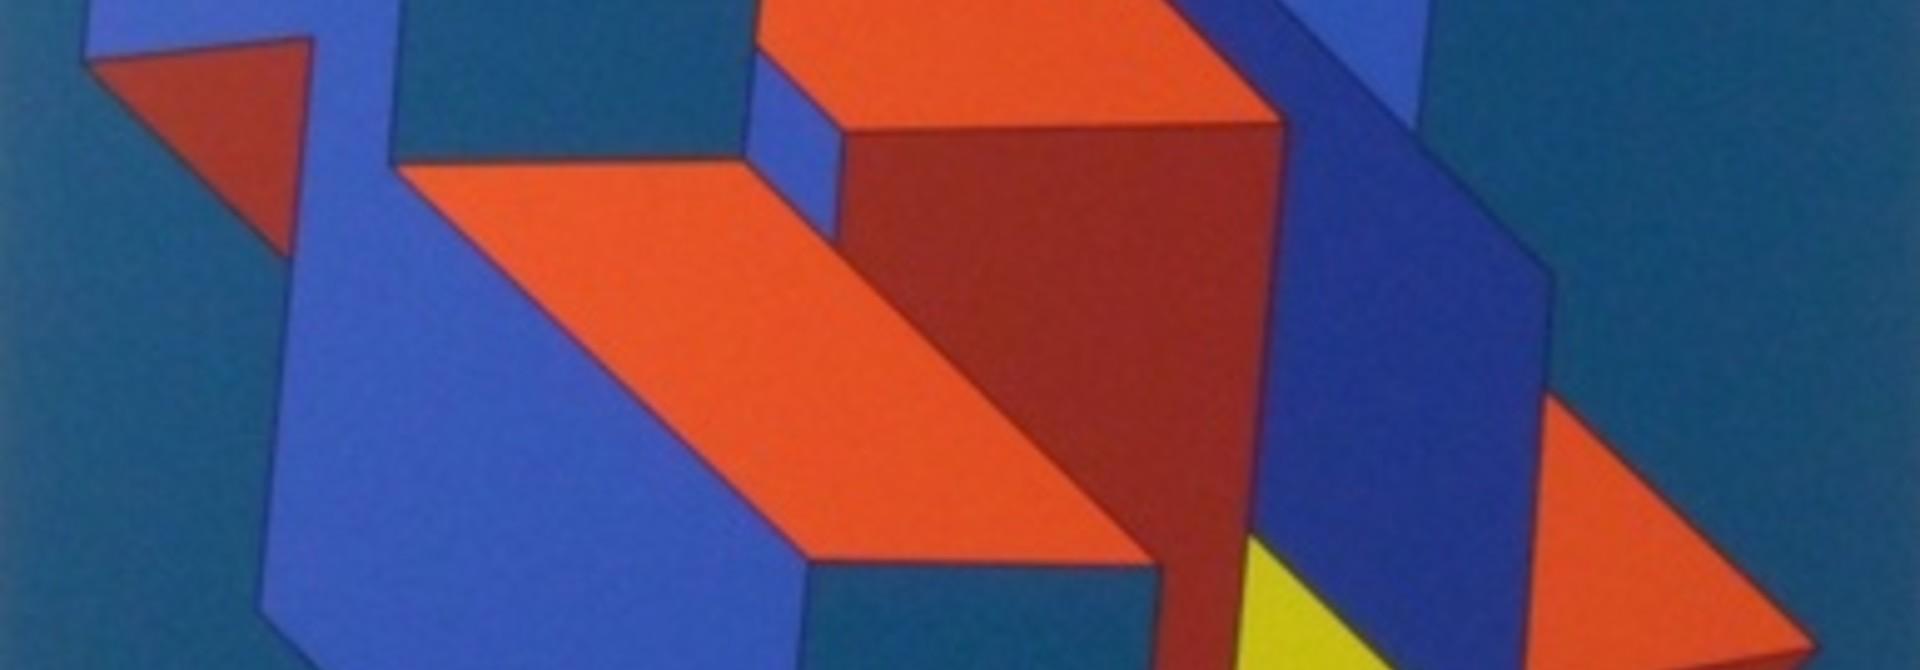 Skewed Cube